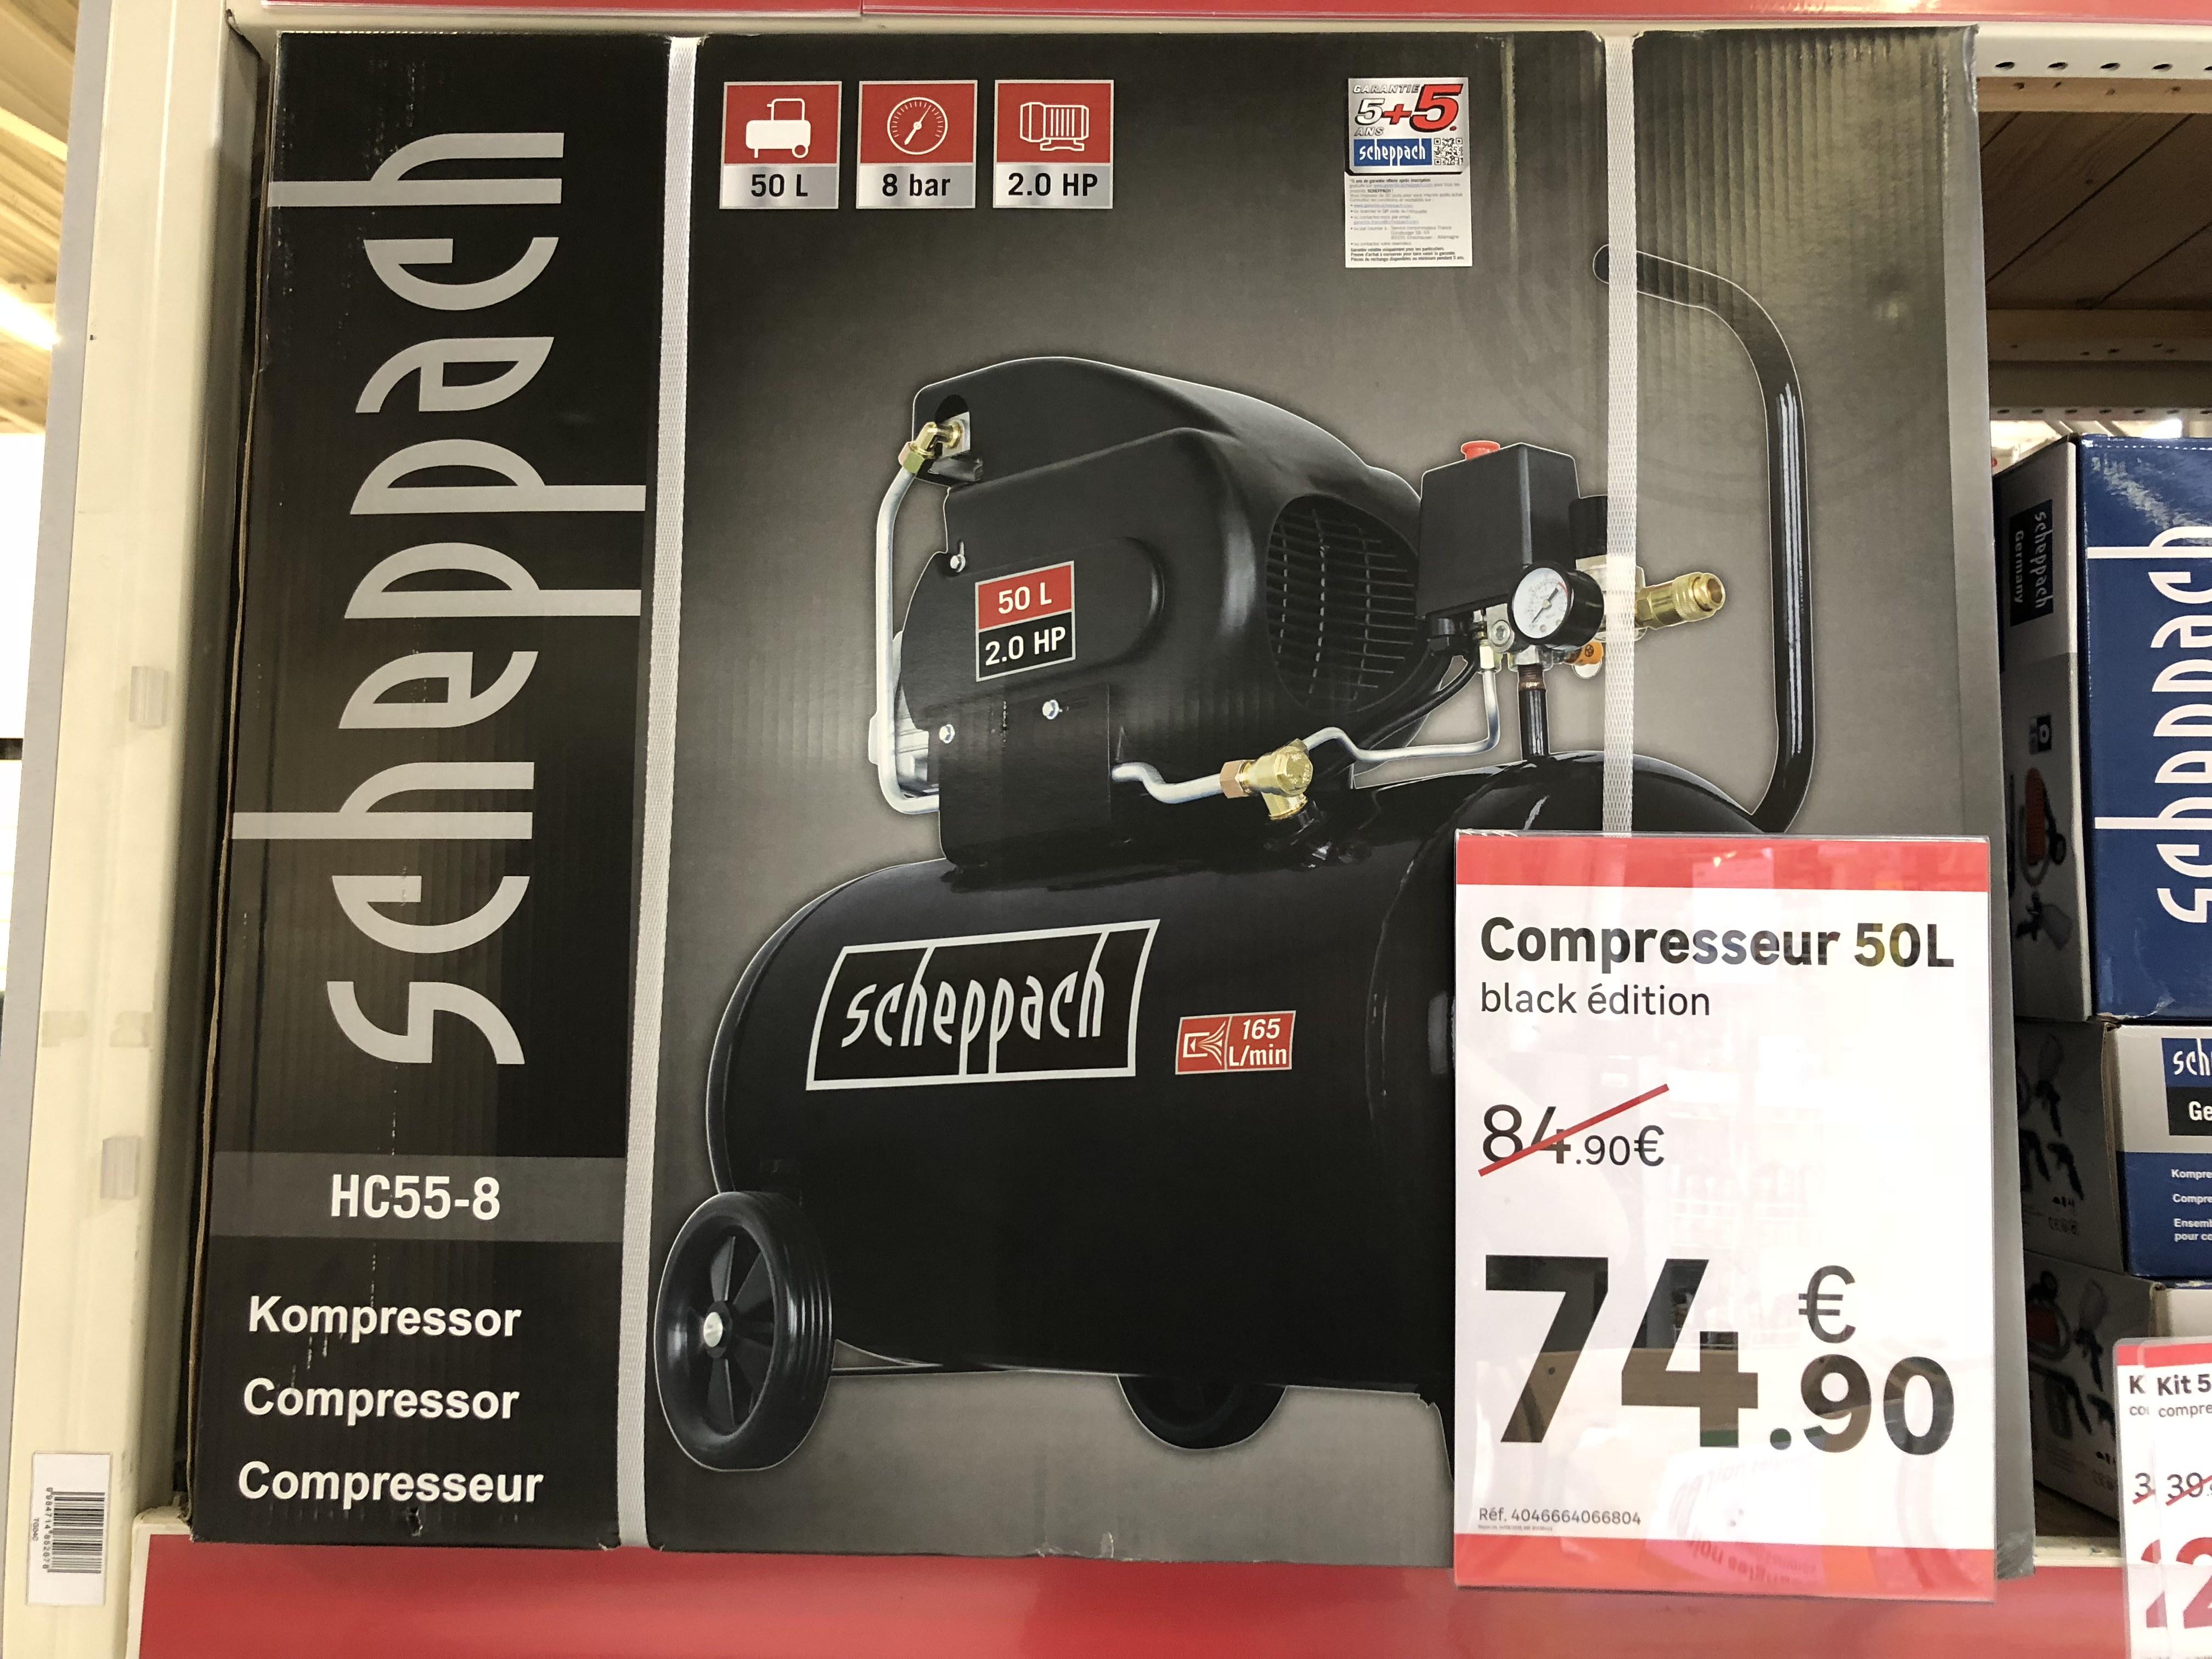 Compresseur 50L Scheppach Black Édition - Chelles (77)